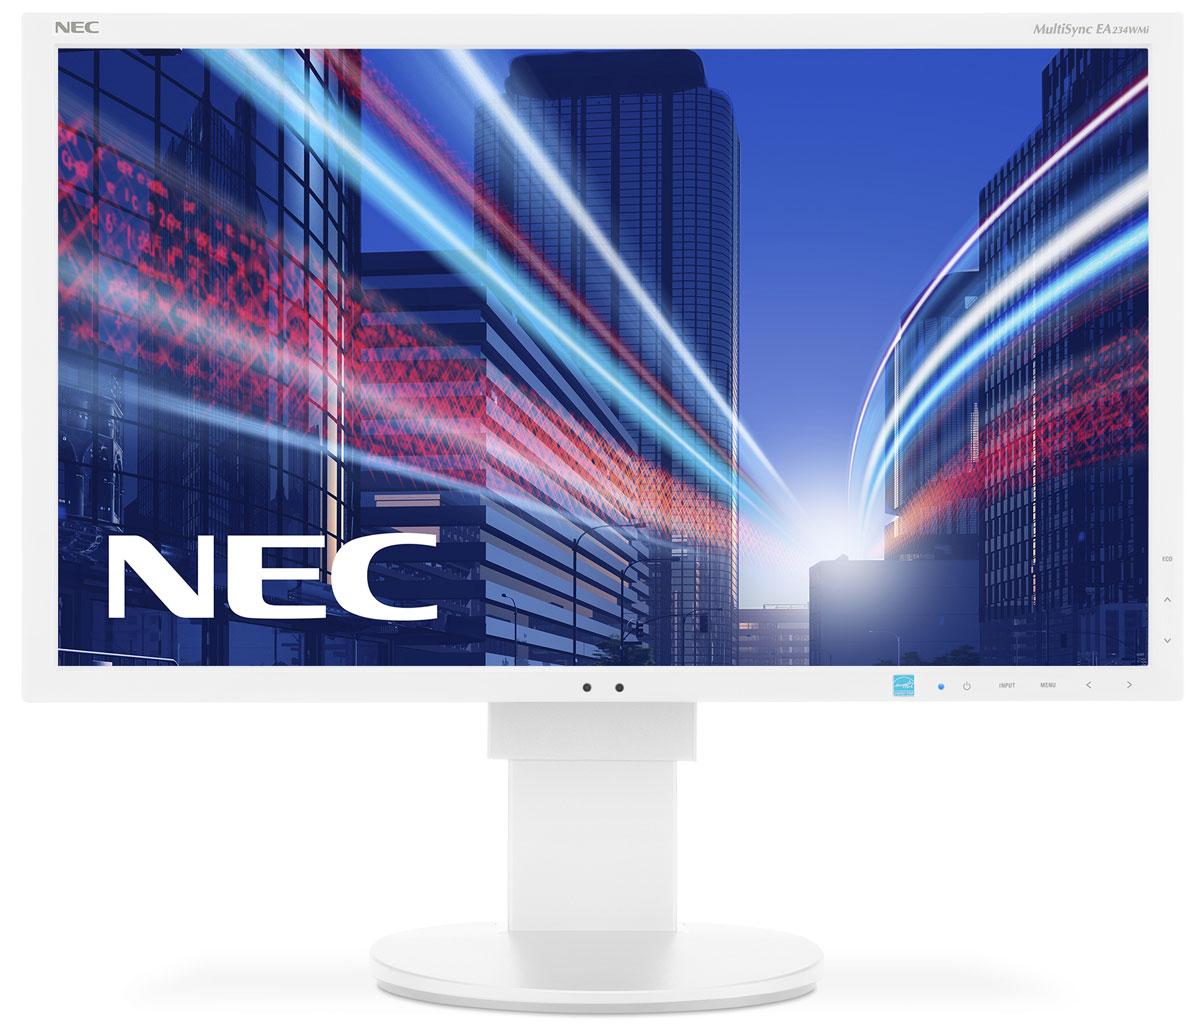 NEC EA234WMi, White мониторEA234WMiМонитор NEC EA234WMi обладает очень тонкой панелью со светодиодной подсветкой и IPS-технологией, что обеспечивает ультрасовременный и ультратонкий дизайн в сочетании с характеристиками, идеальными для корпоративного офисного использования. Датчик рассеянного света и датчик присутствия являются стандартными характеристиками данной модели, кроме того, модель обладает улучшенными эргономическими характеристиками, например, механизмом регулирования высоты до 130 мм. Дисплей также располагает широкими возможностями соединения, 3 входами: DisplayPort, DVI-D и D-Sub. Благодаря превосходному качеству изображения IPS с широким углом обзора в формате экрана 16:9 данная модель обладает высоким уровнем эргономического комфорта. Датчик рассеянного света - благодаря функции автоматической яркости Auto Brightness всегда можно оптимизировать уровень яркости в зависимости от освещения и условий изображения. Датчик присутствия человека - определяет присутствие...